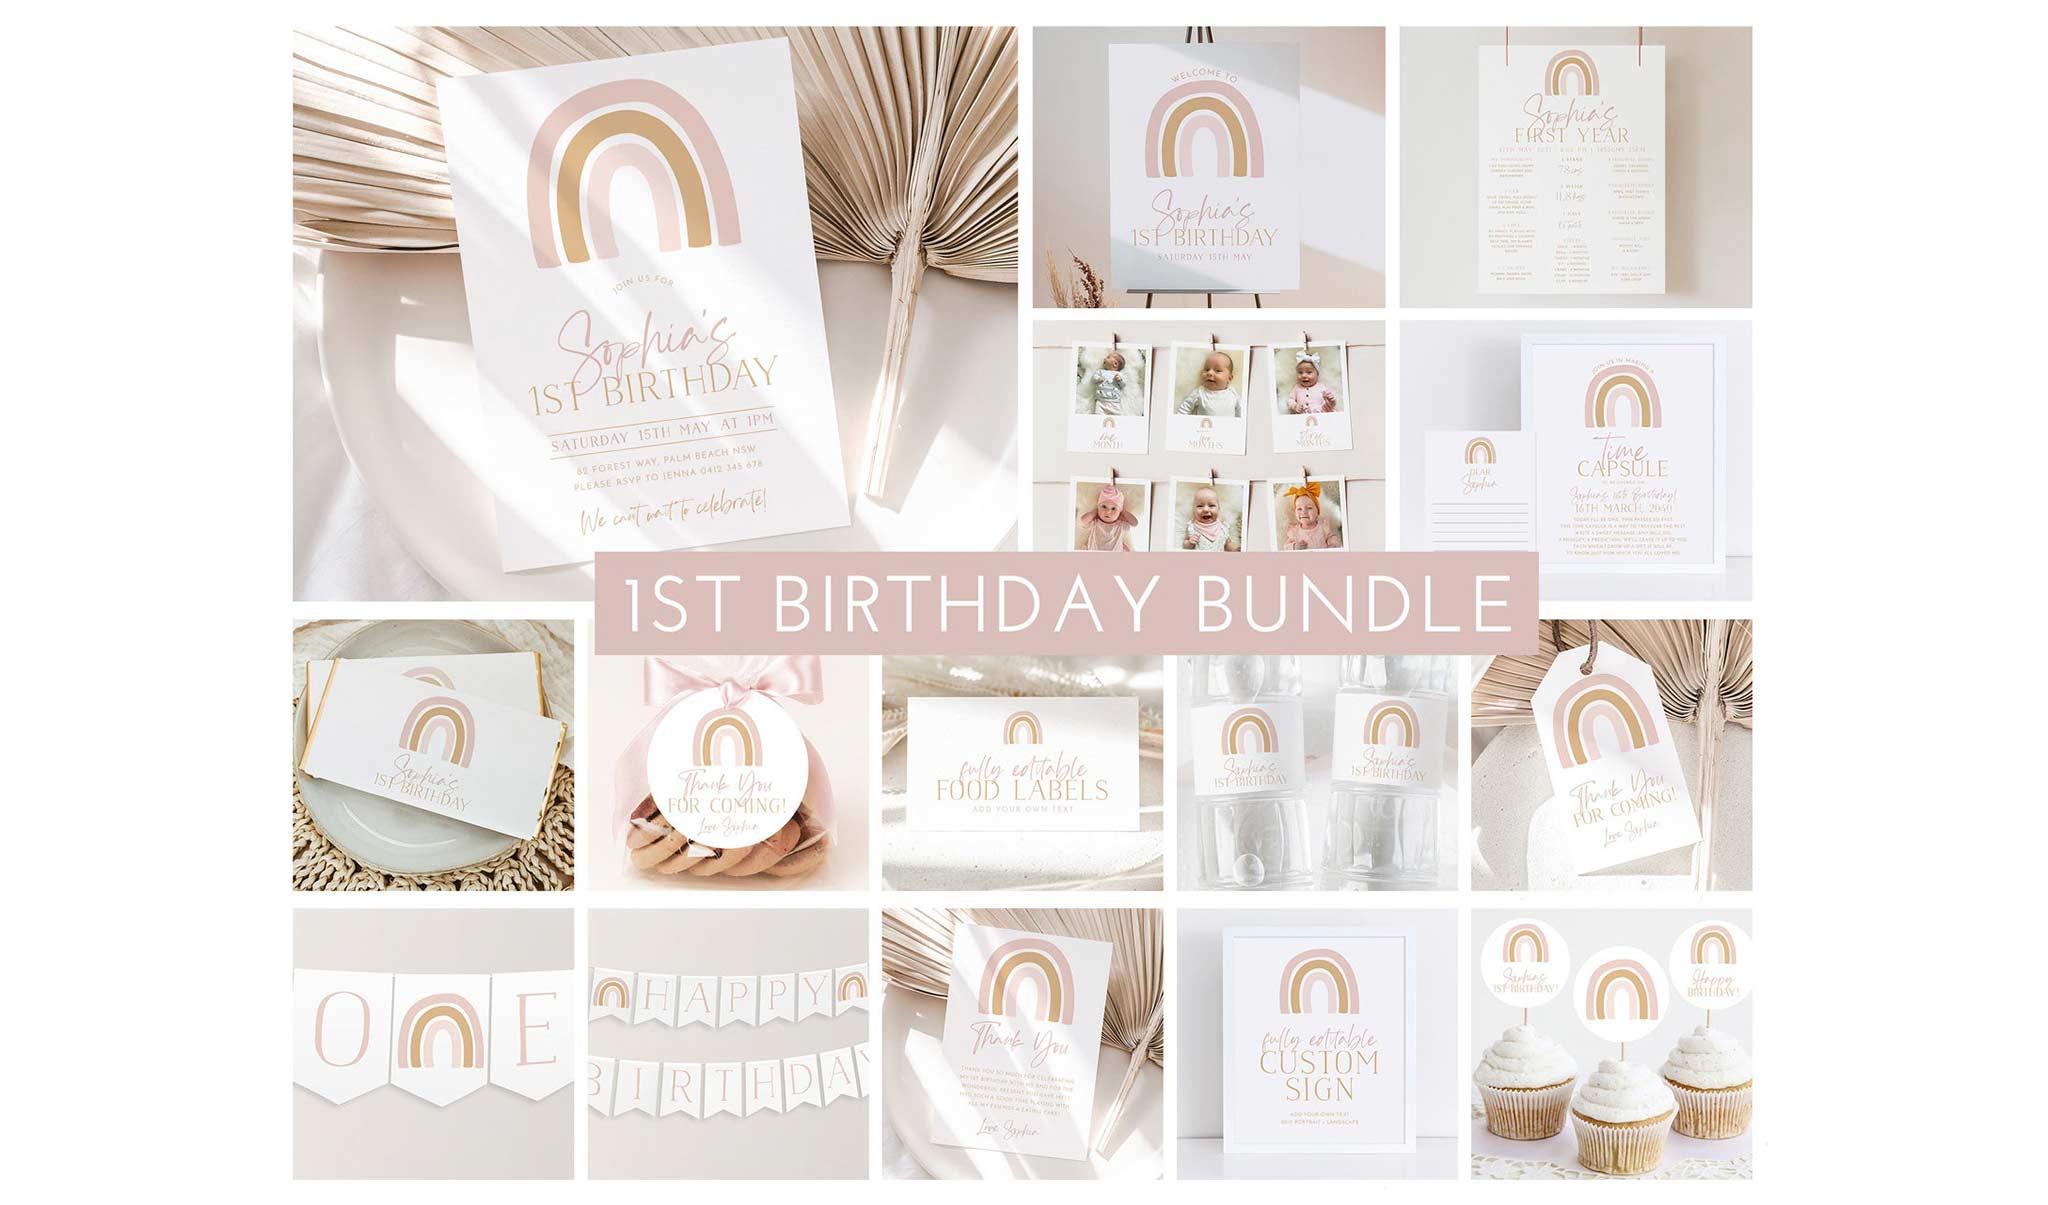 Geburtstags-Set zum 1. Geburtstag